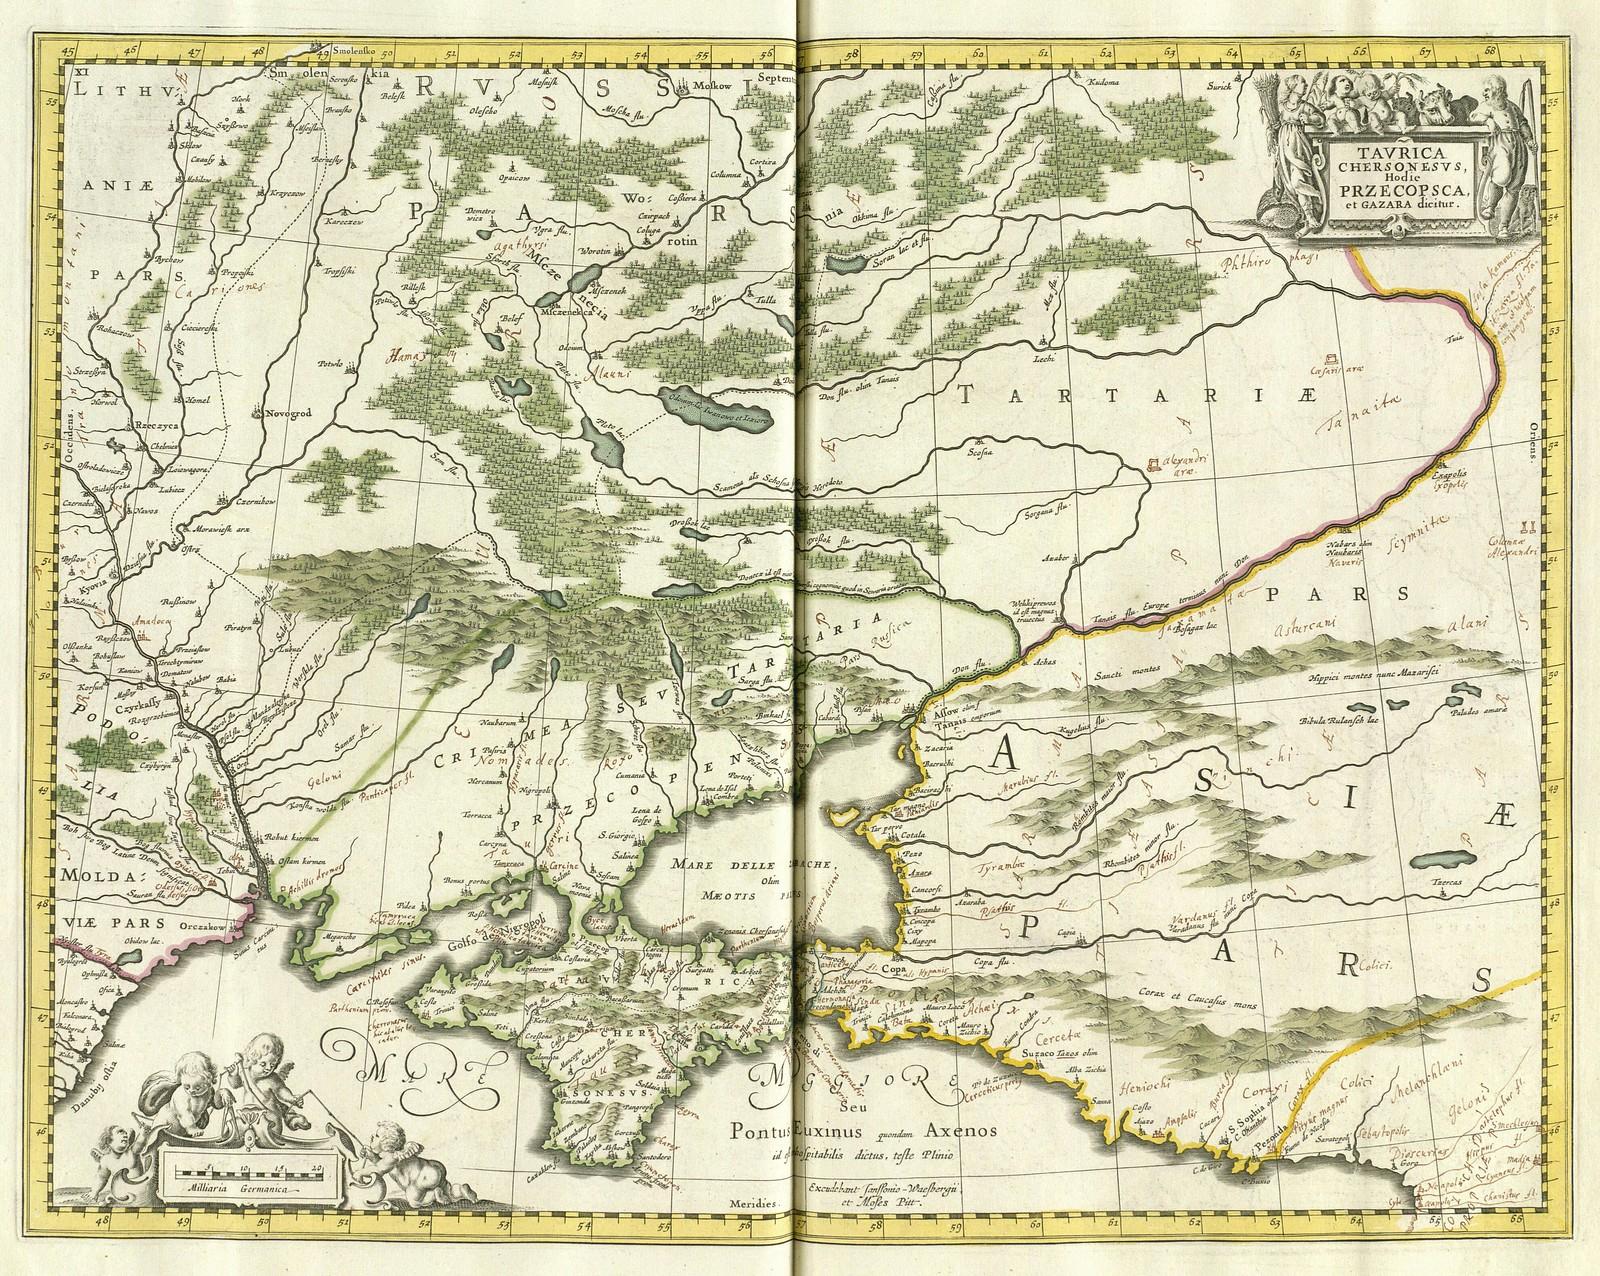 1680. Херсонес Таврический